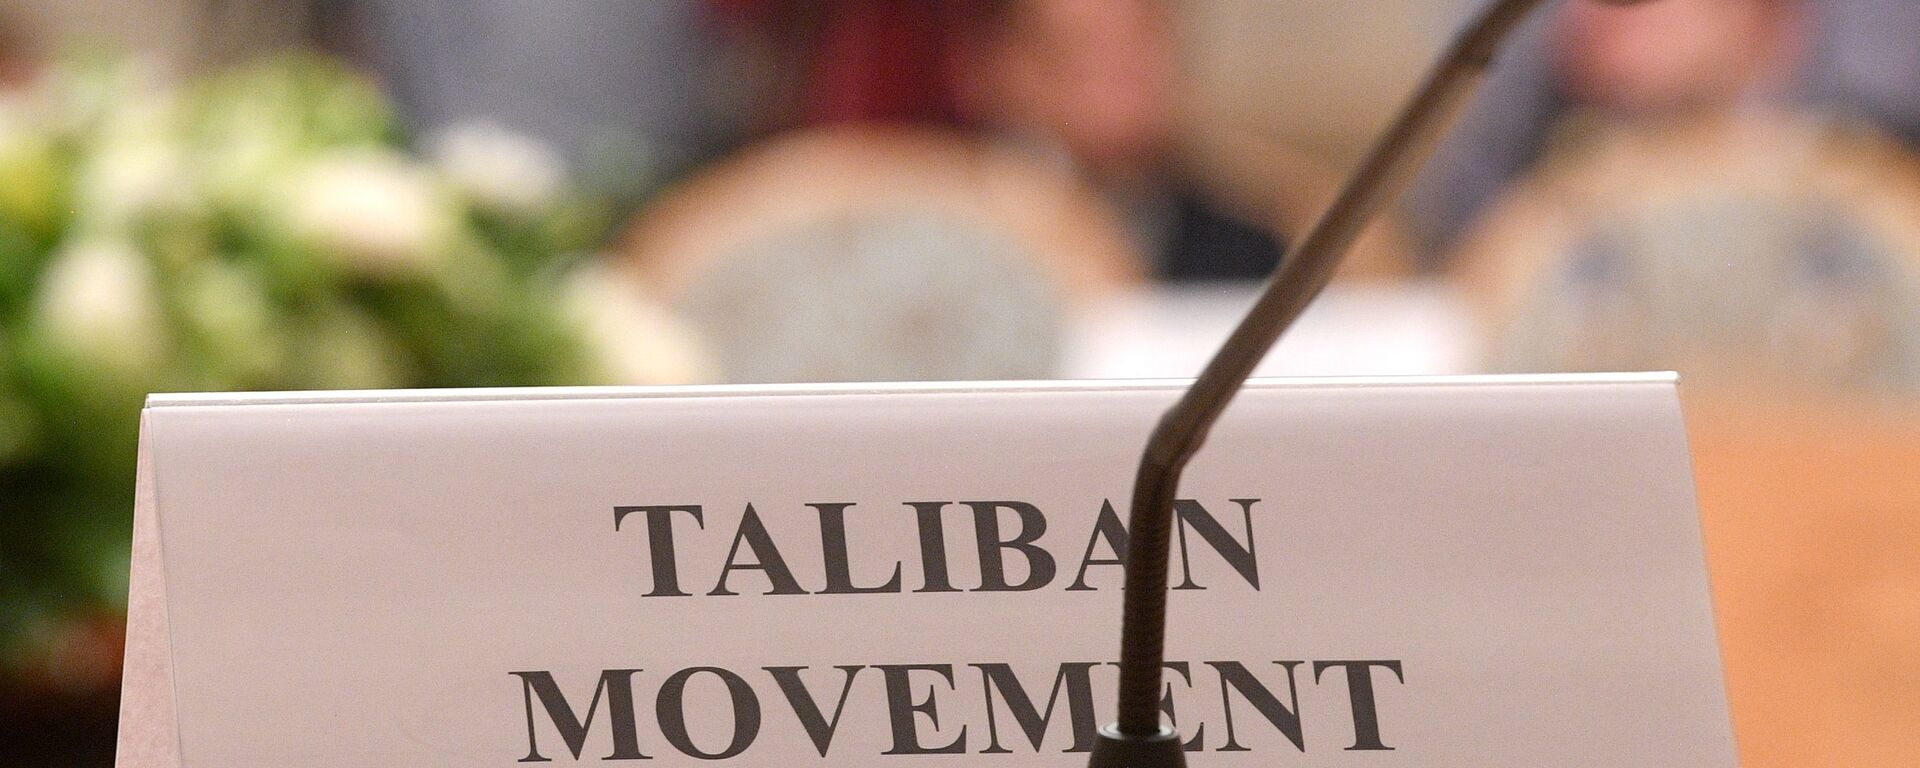 Второе заседание московского формата  консультаций по Афганистану - Sputnik Таджикистан, 1920, 26.05.2021